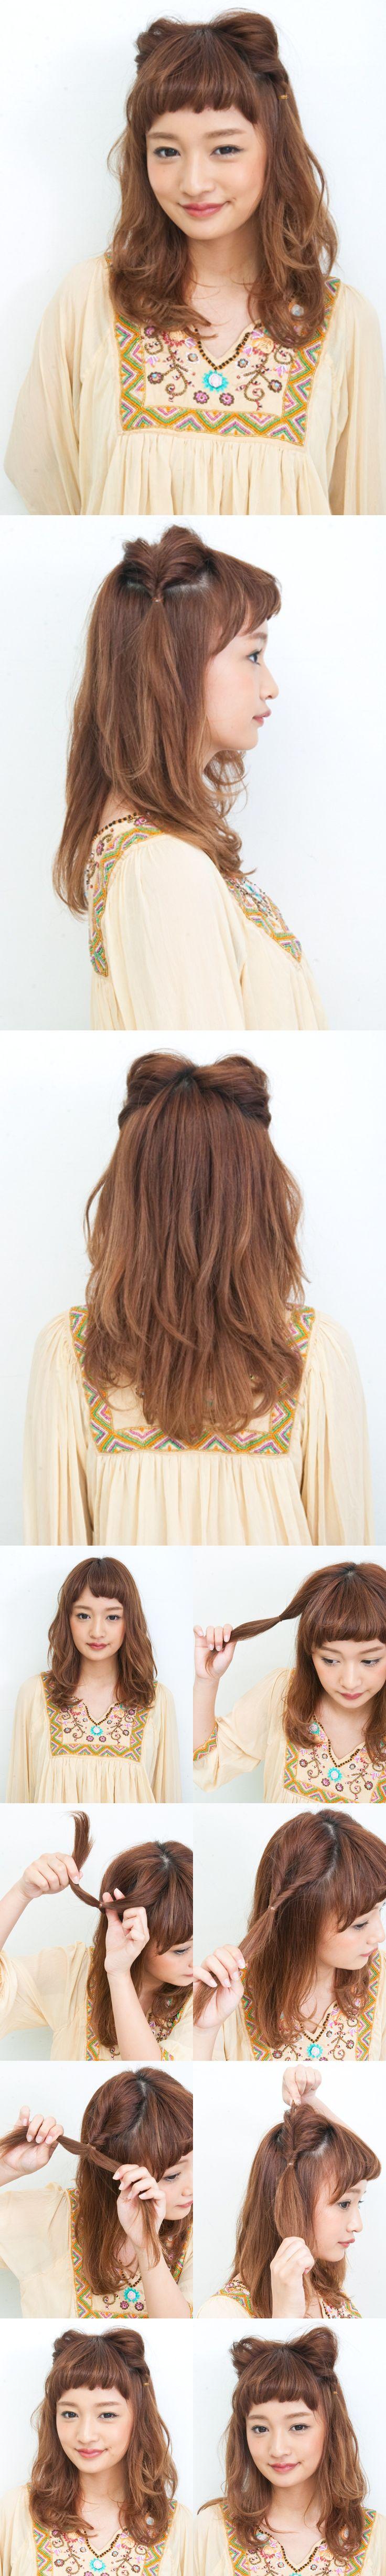 キュートで簡単!ネコ耳アレンジ how to make yourself look like you have cat ears. -- Hairs, hairstyles, easy, tutorial, step by step, Asian, cute, kawaii, date, school, everyday